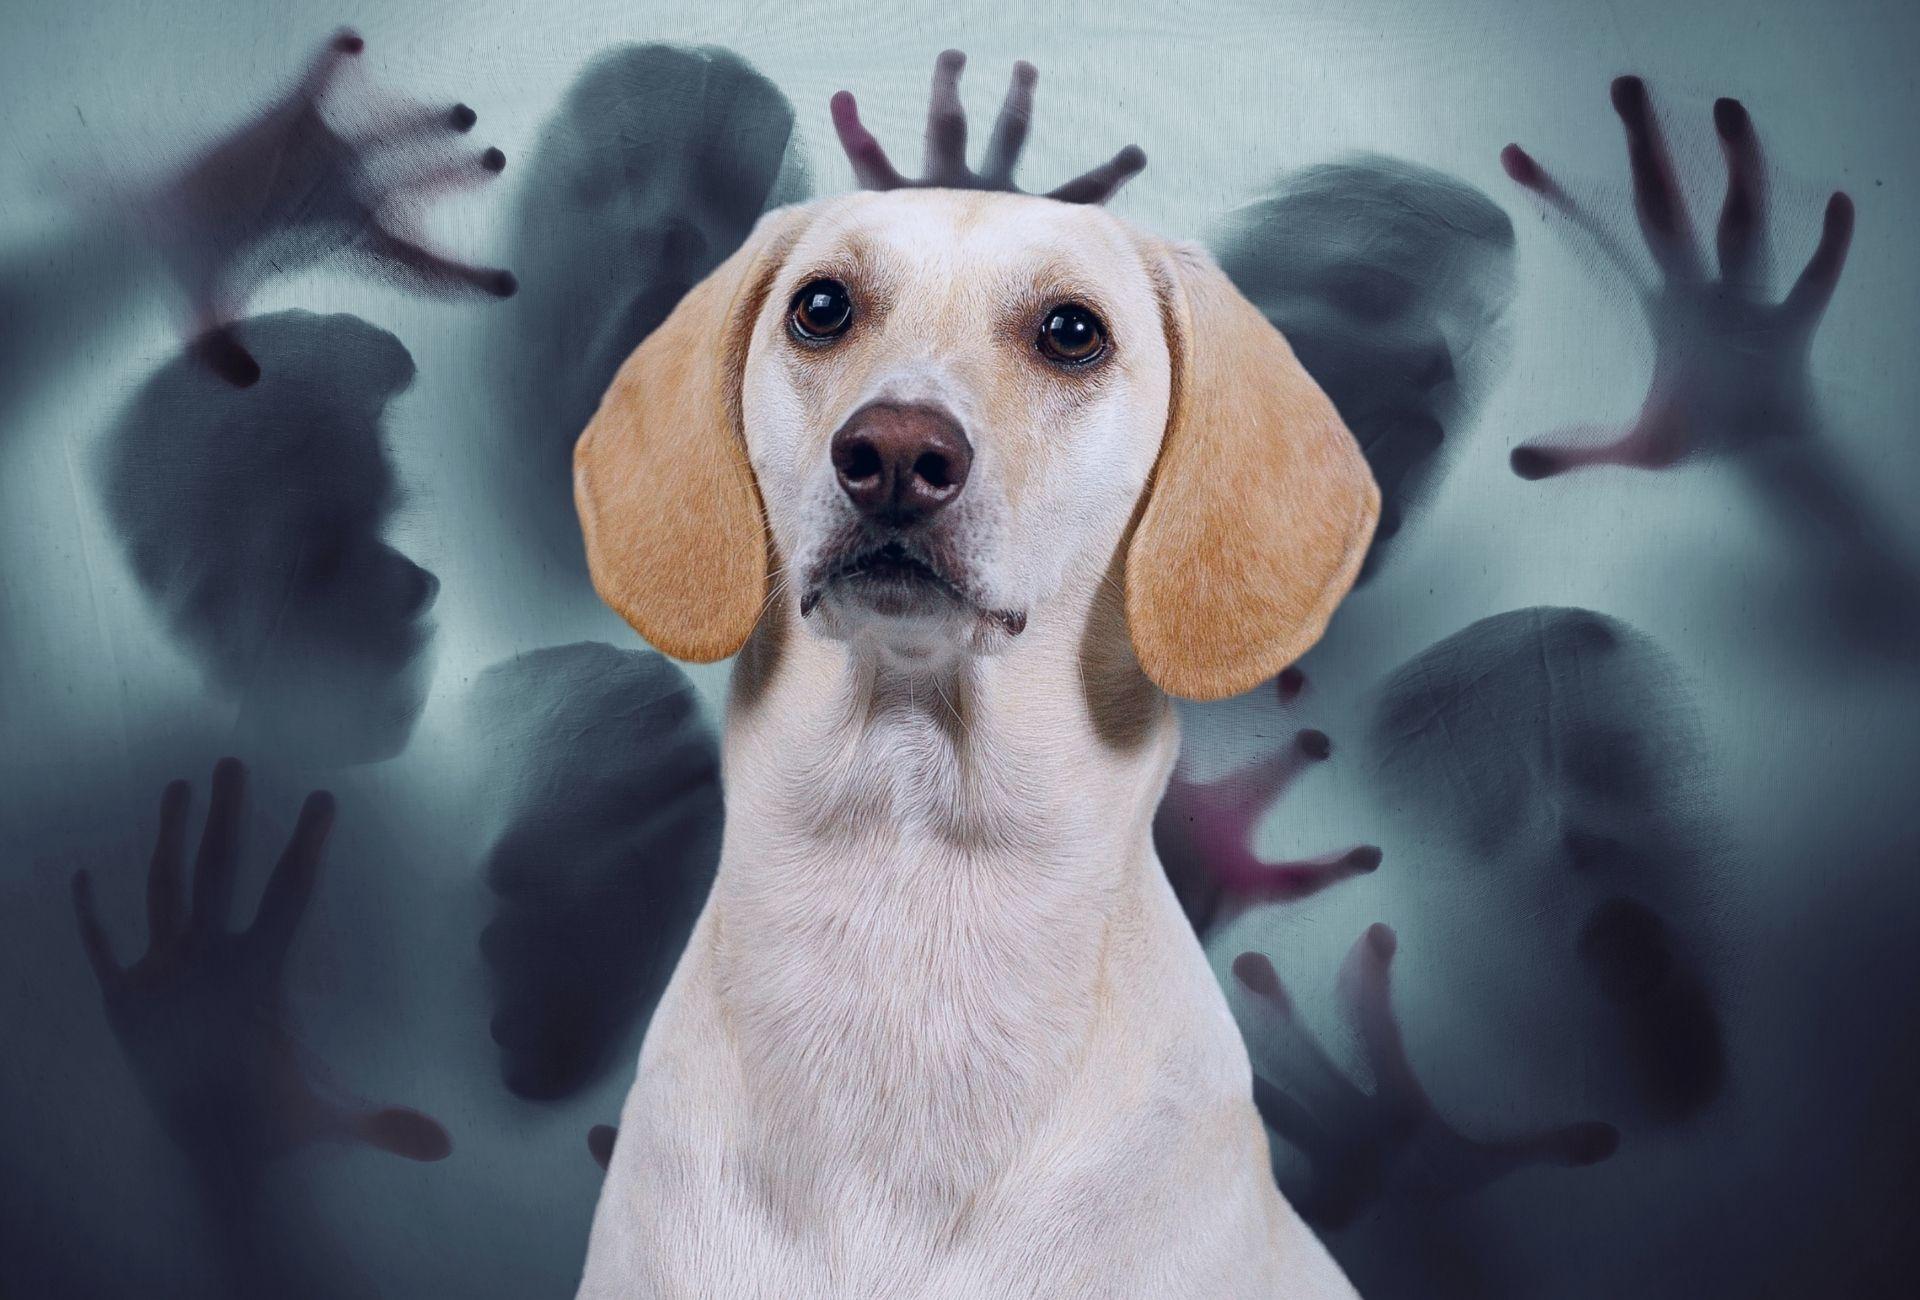 Los perros pueden volverse paranoicos repentinamente, y un indicador podría ser que su perro finge ver cosas.